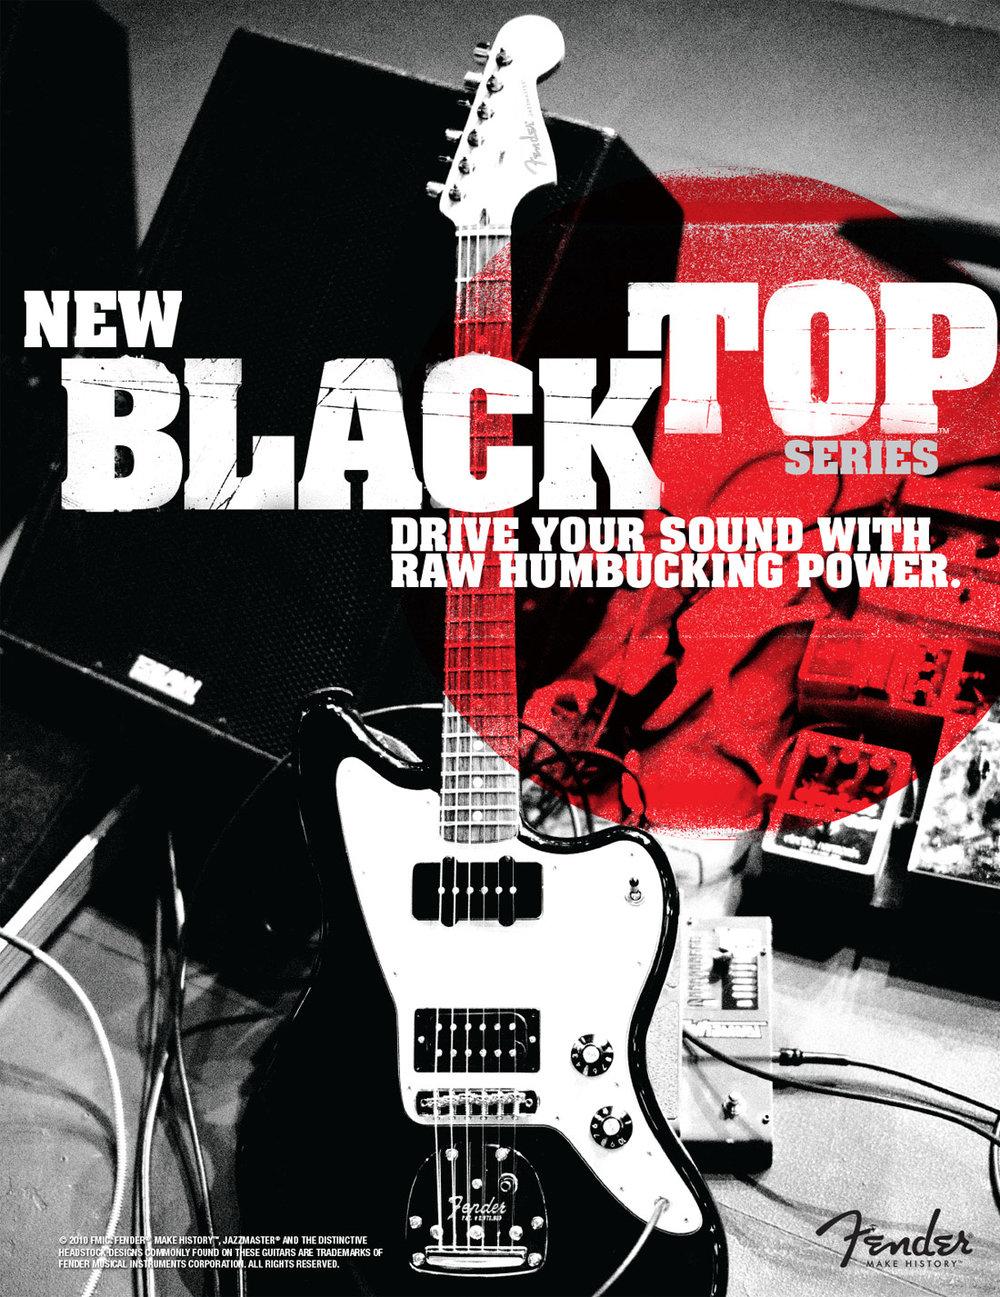 Brian-Leach-Fender-Blacktop-11-@2x.jpg